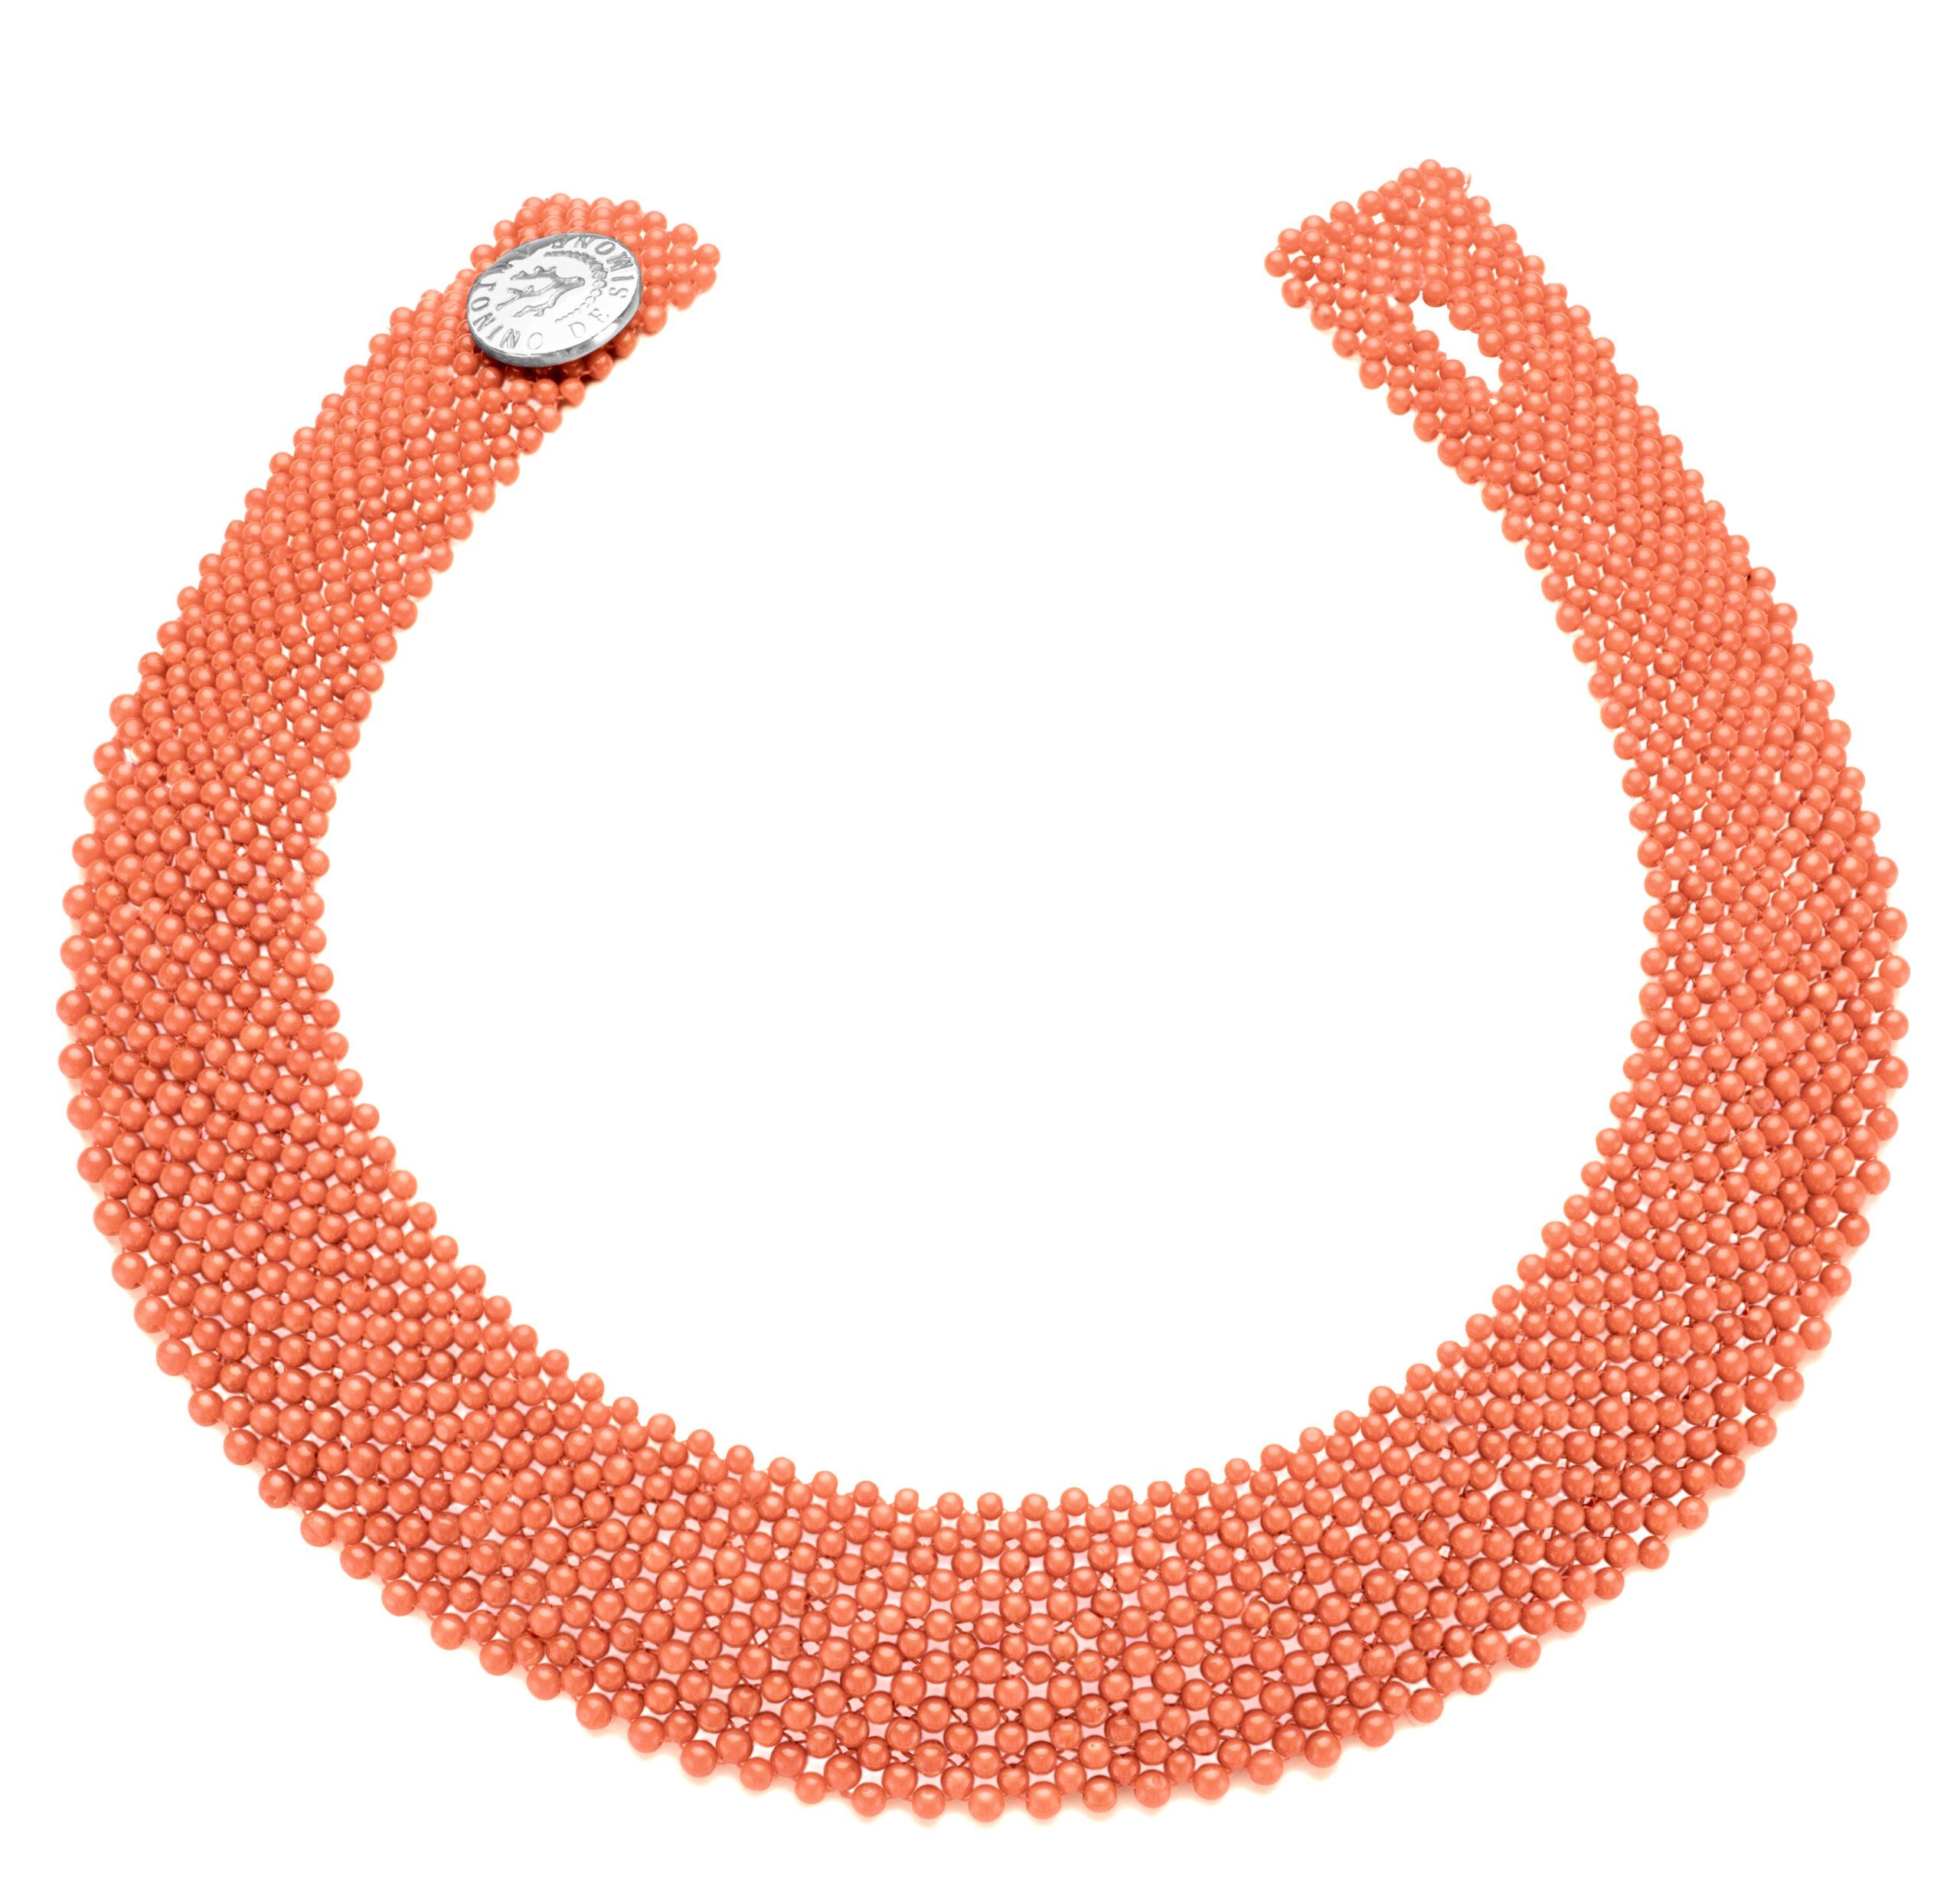 Collier in corallo rosa del Pacifico e bottone in argento